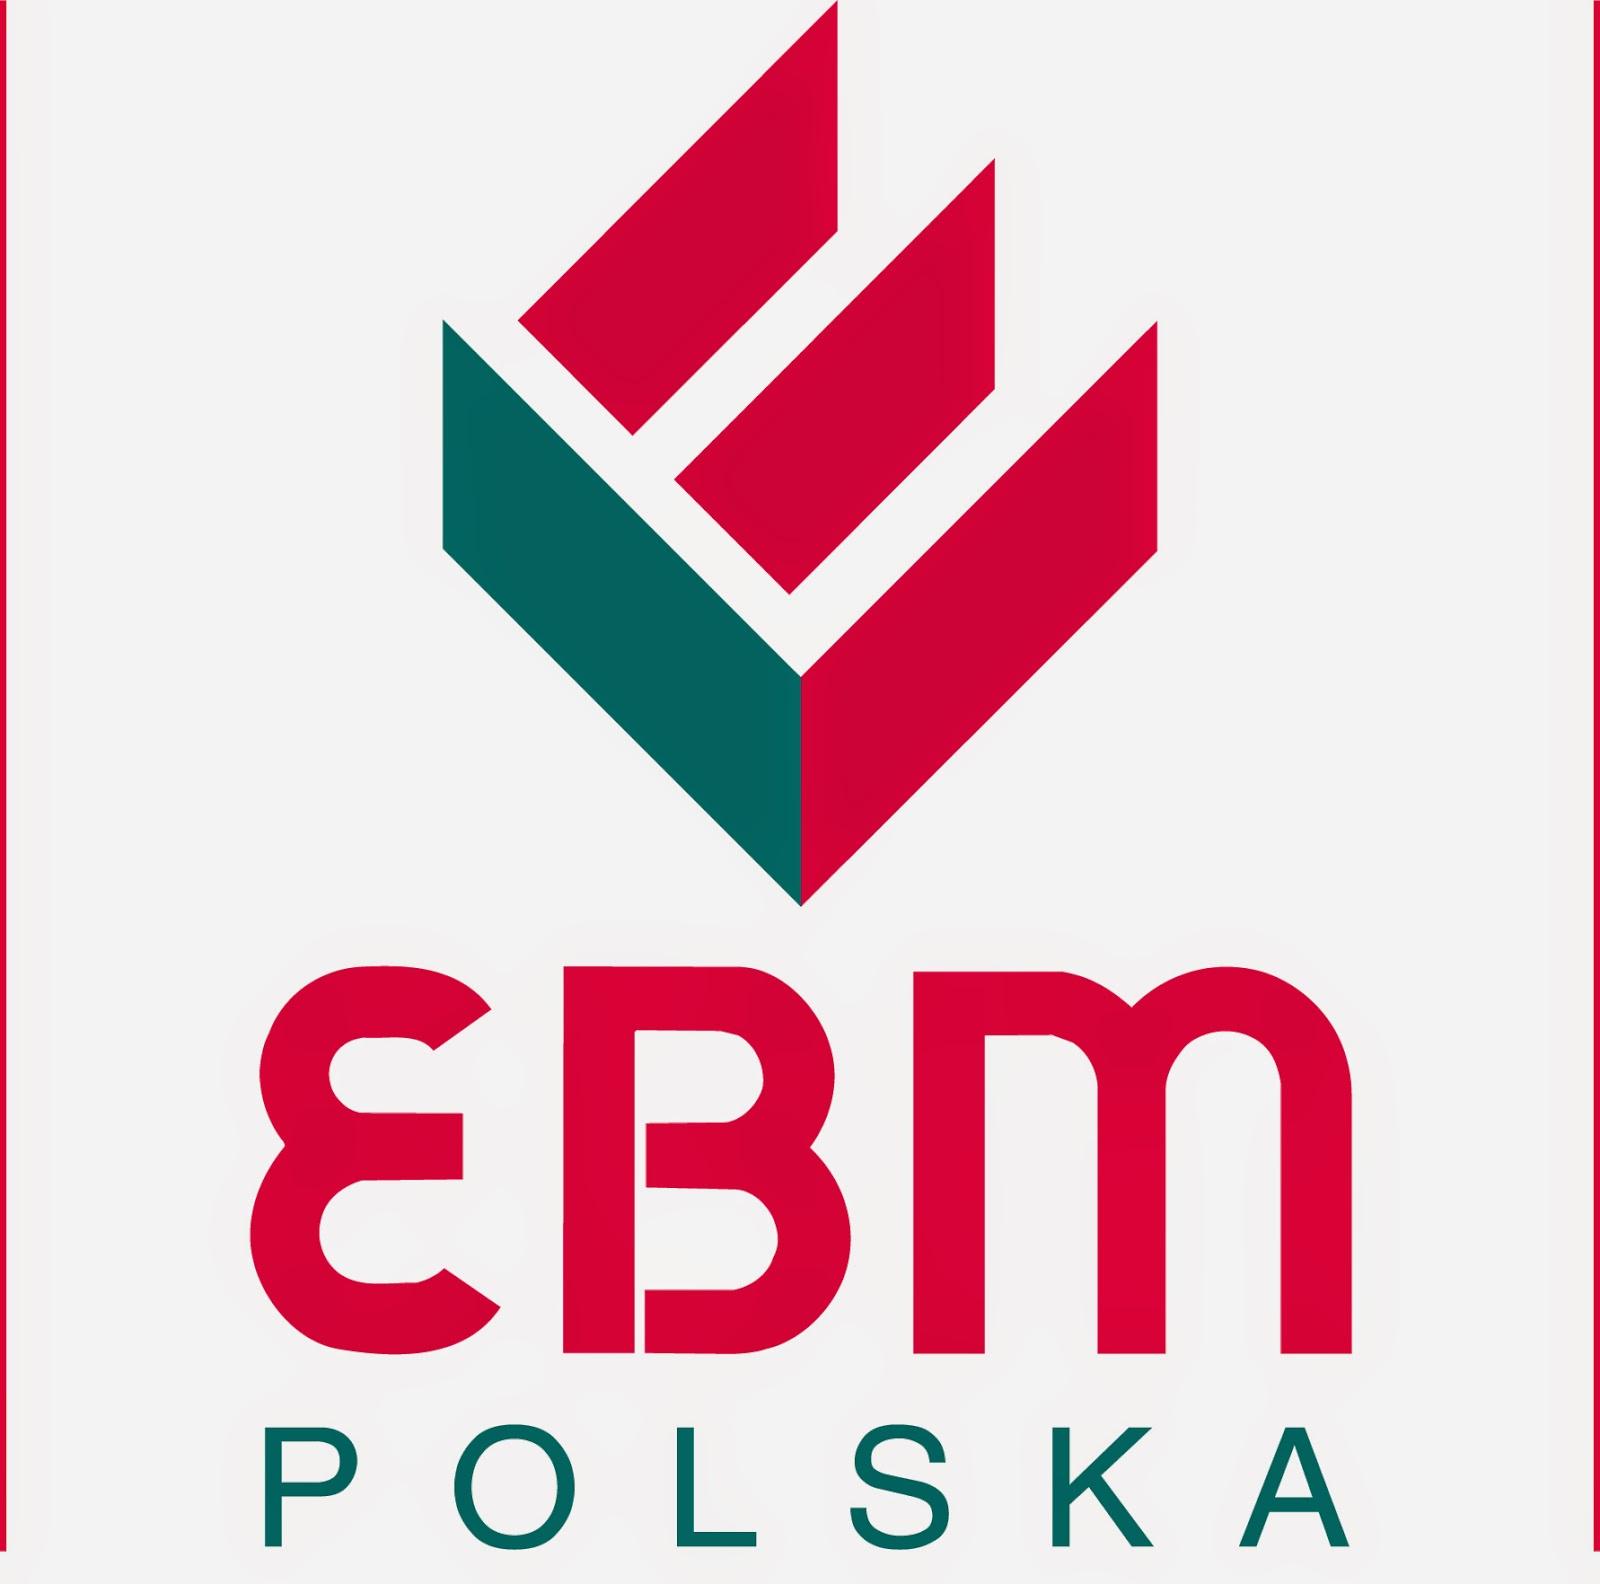 http://www.ebmpolska.pl/produkty/produkty/struktonit/krycie-niemieckie.html